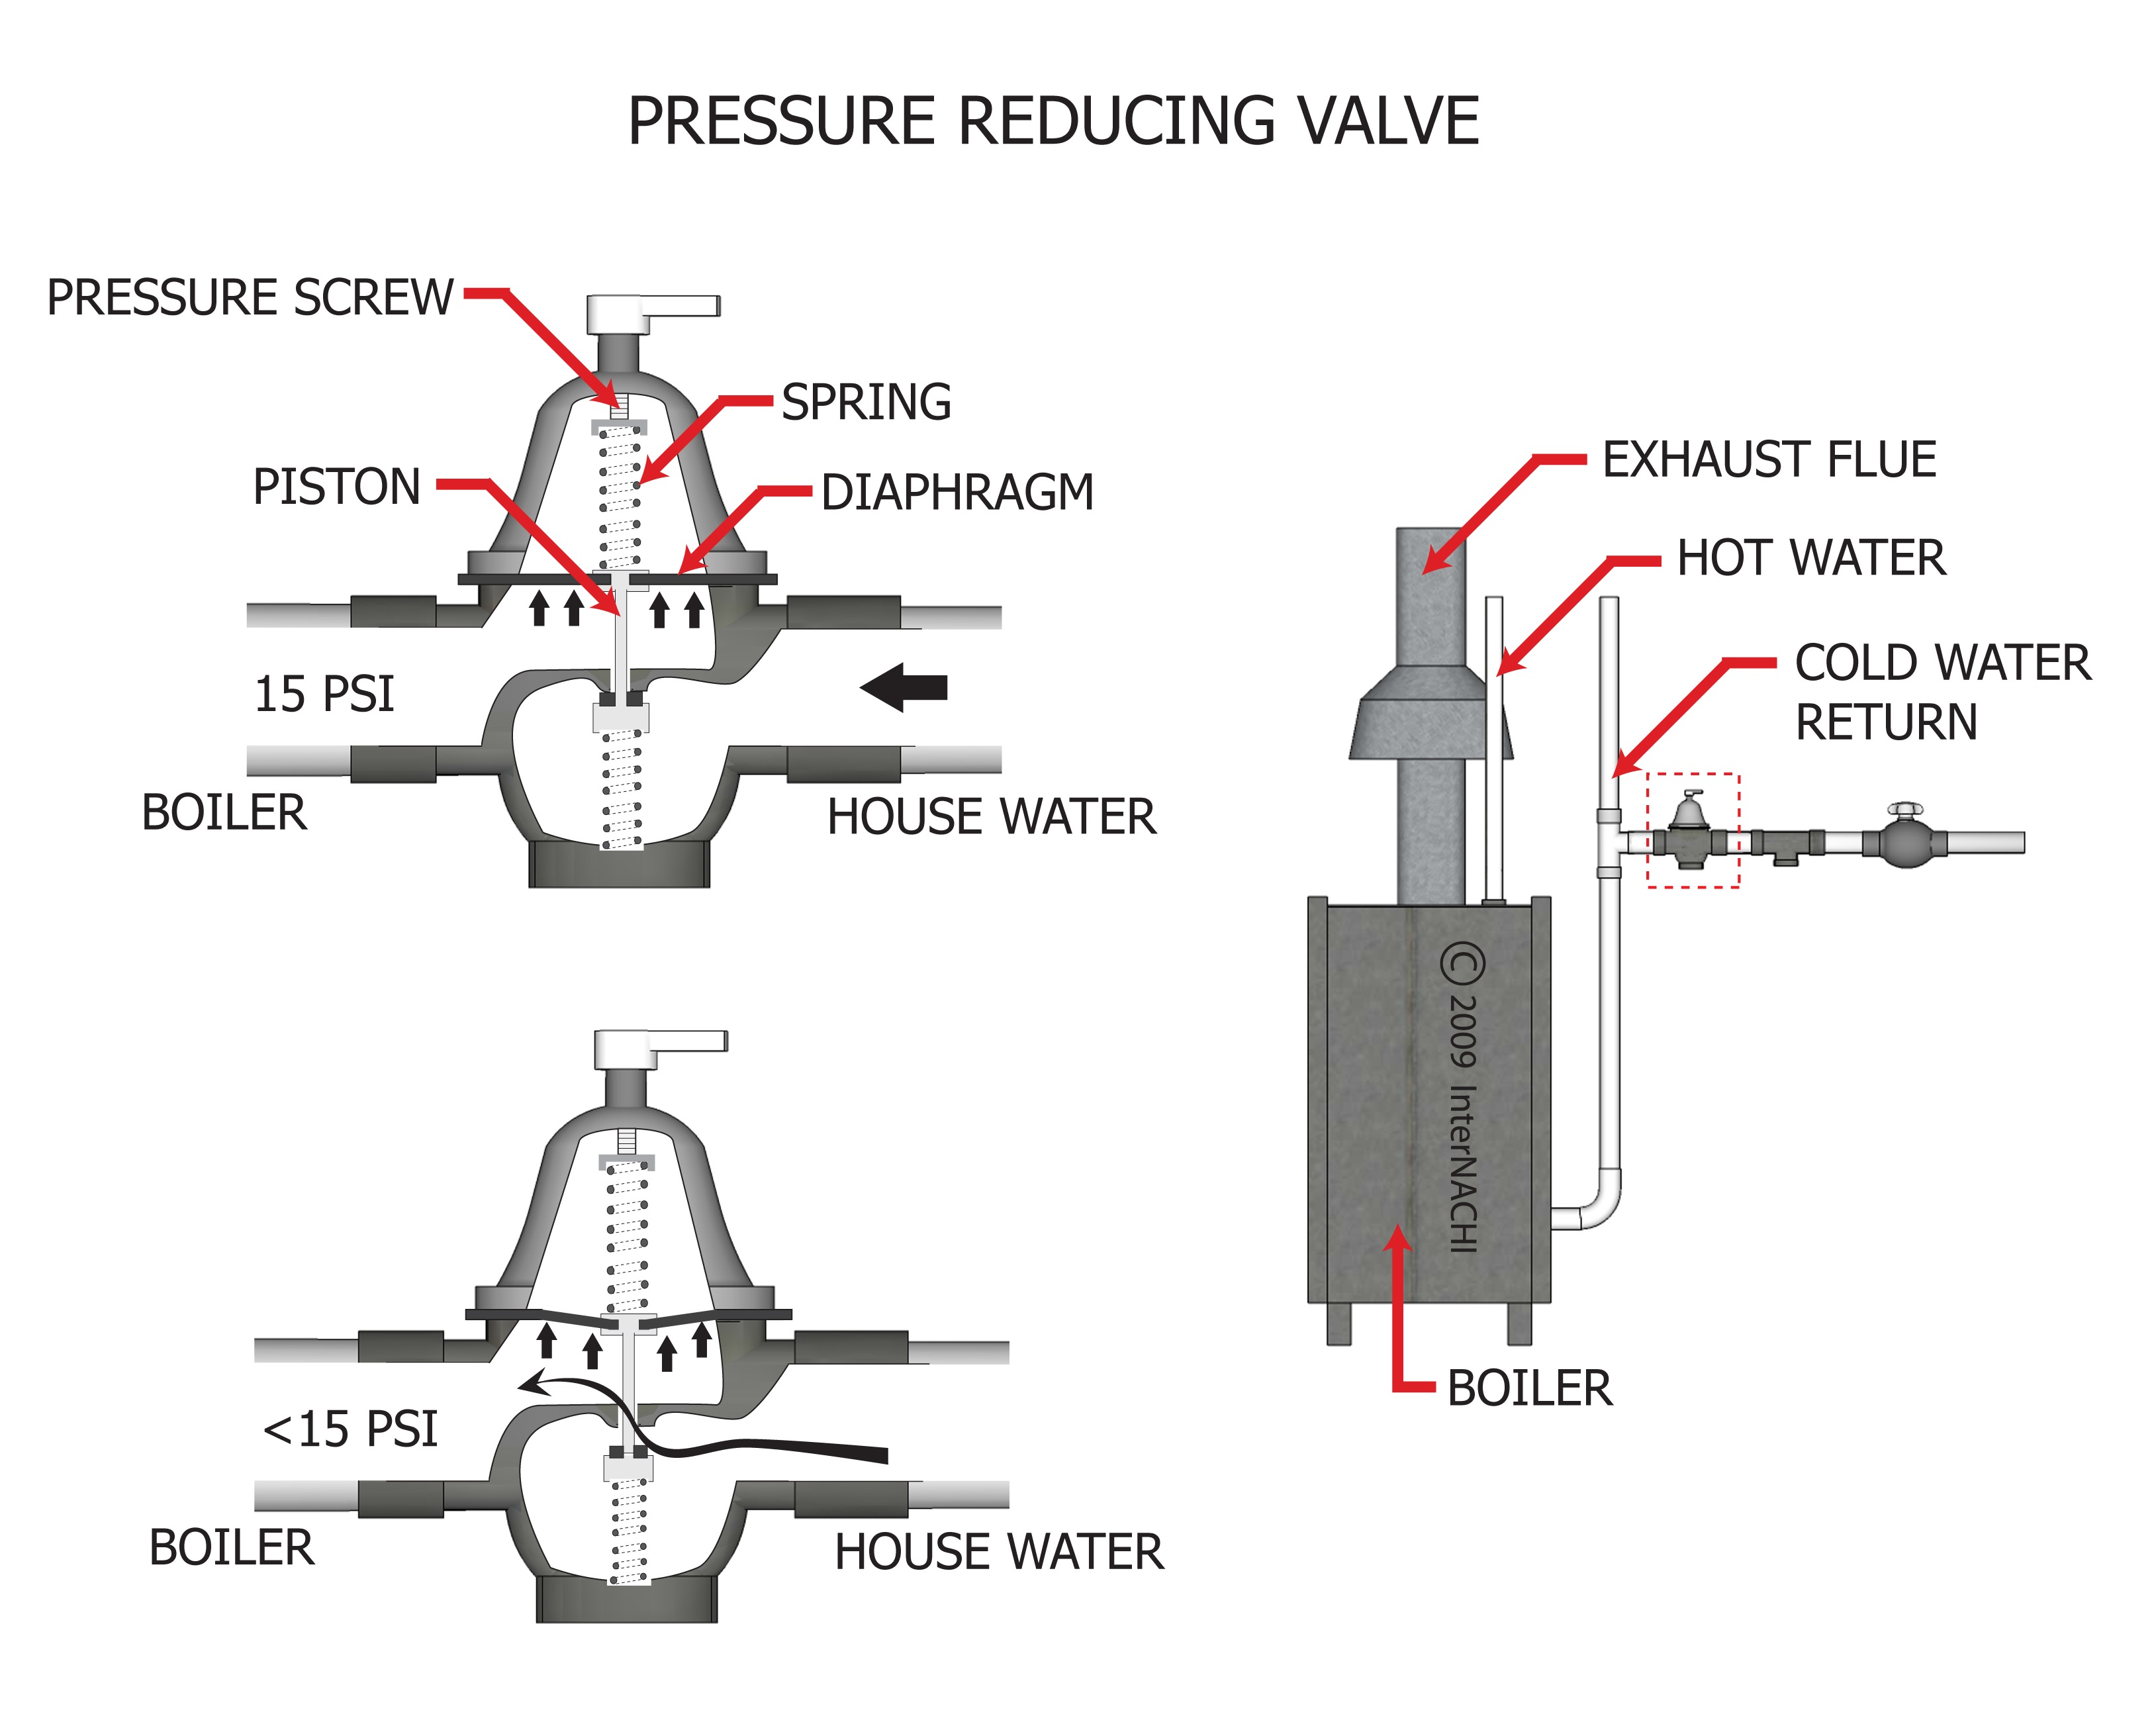 Pressure reducing valve.